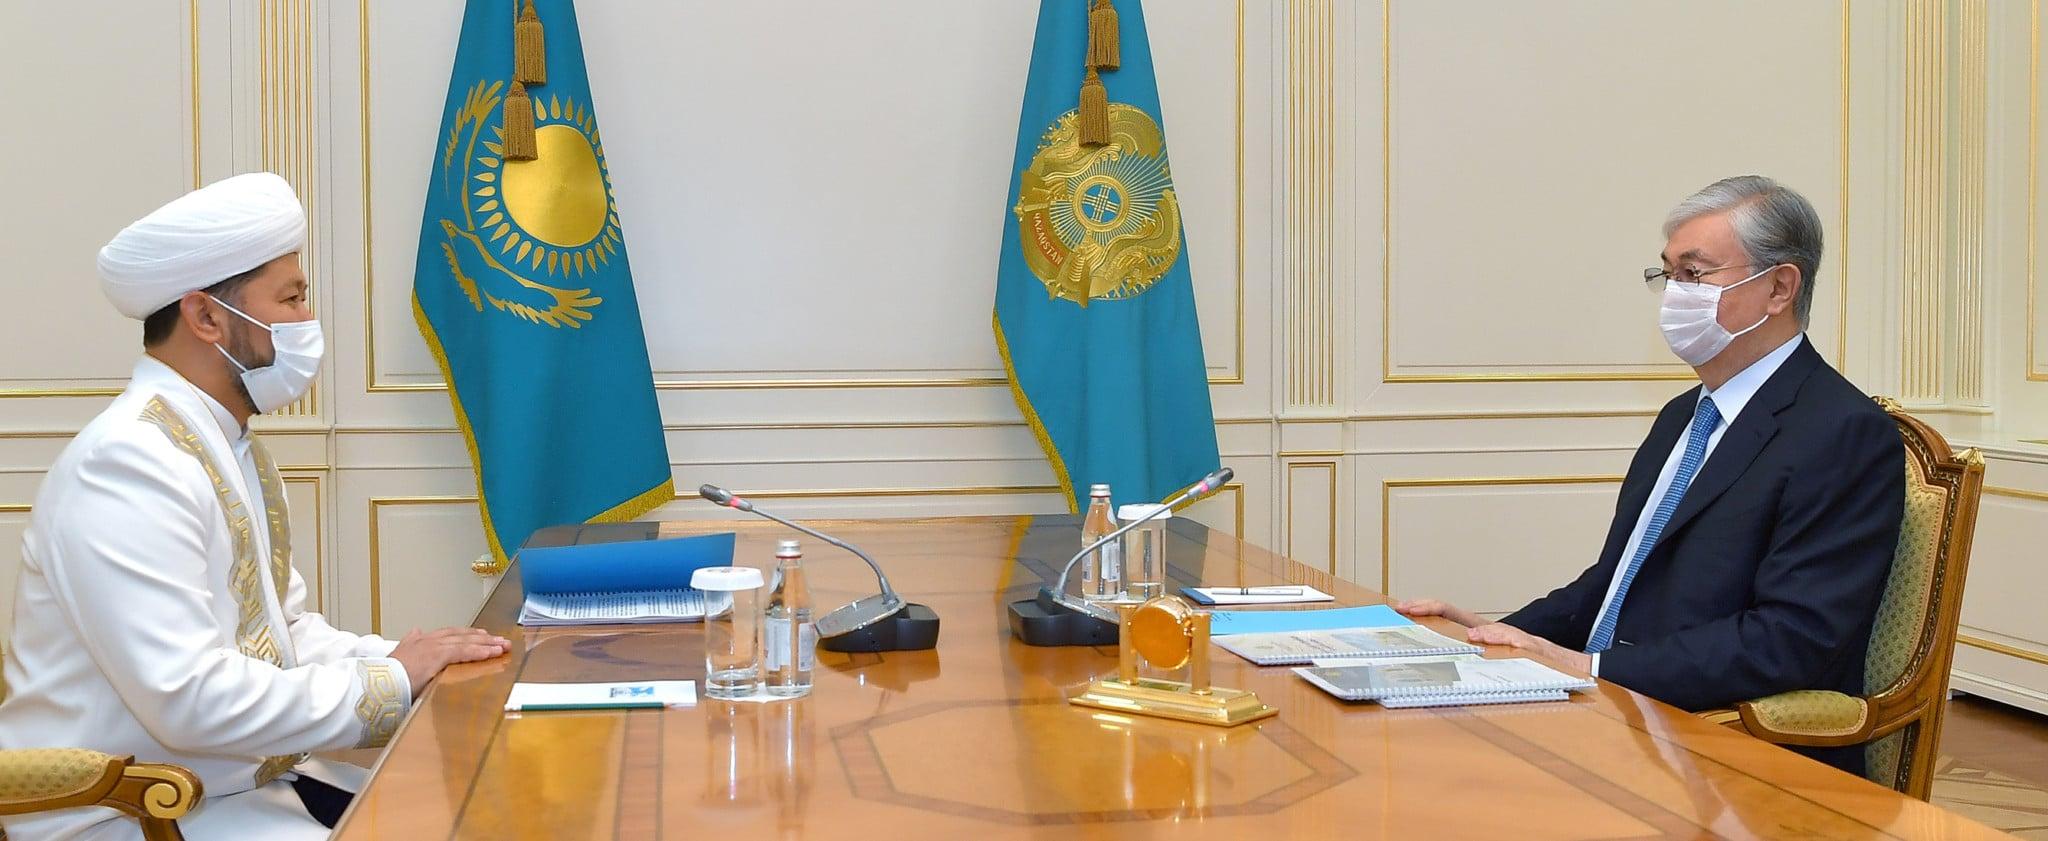 Қасым-Жомарт Тоқаев, Наурызбай қажы Тағанұлы